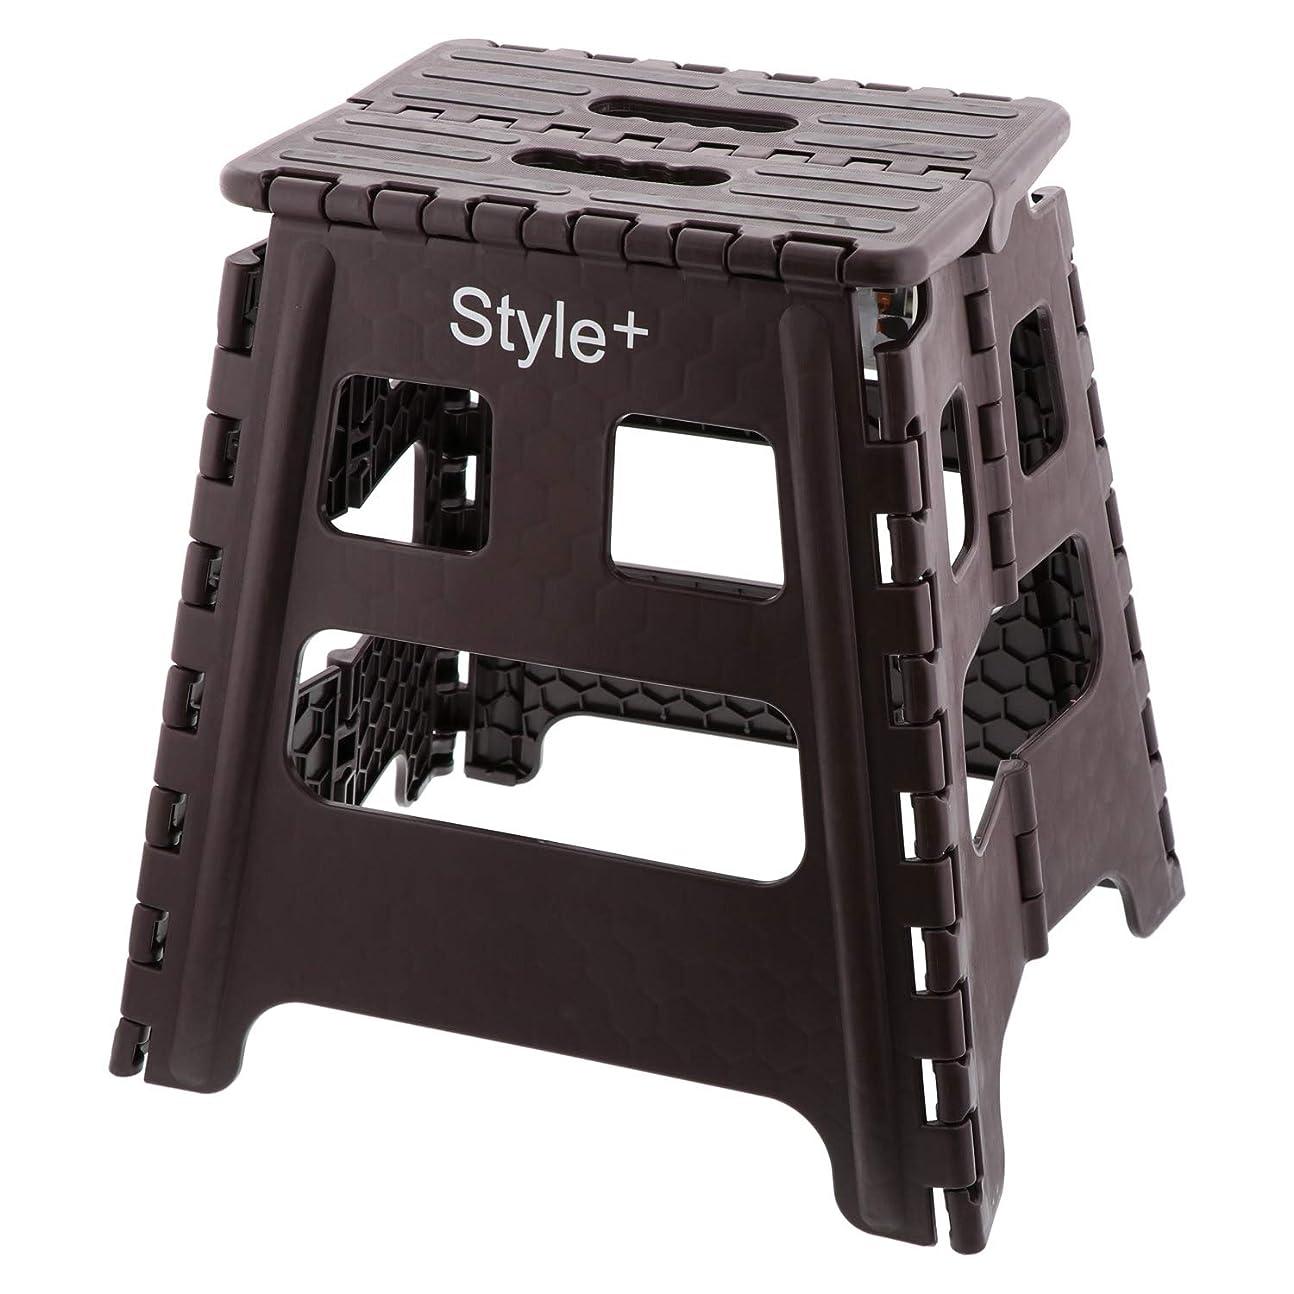 チャネルパシフィック起こりやすいベストコ ブラウン ハイタイプ Style+ 踏み台 ND-4143